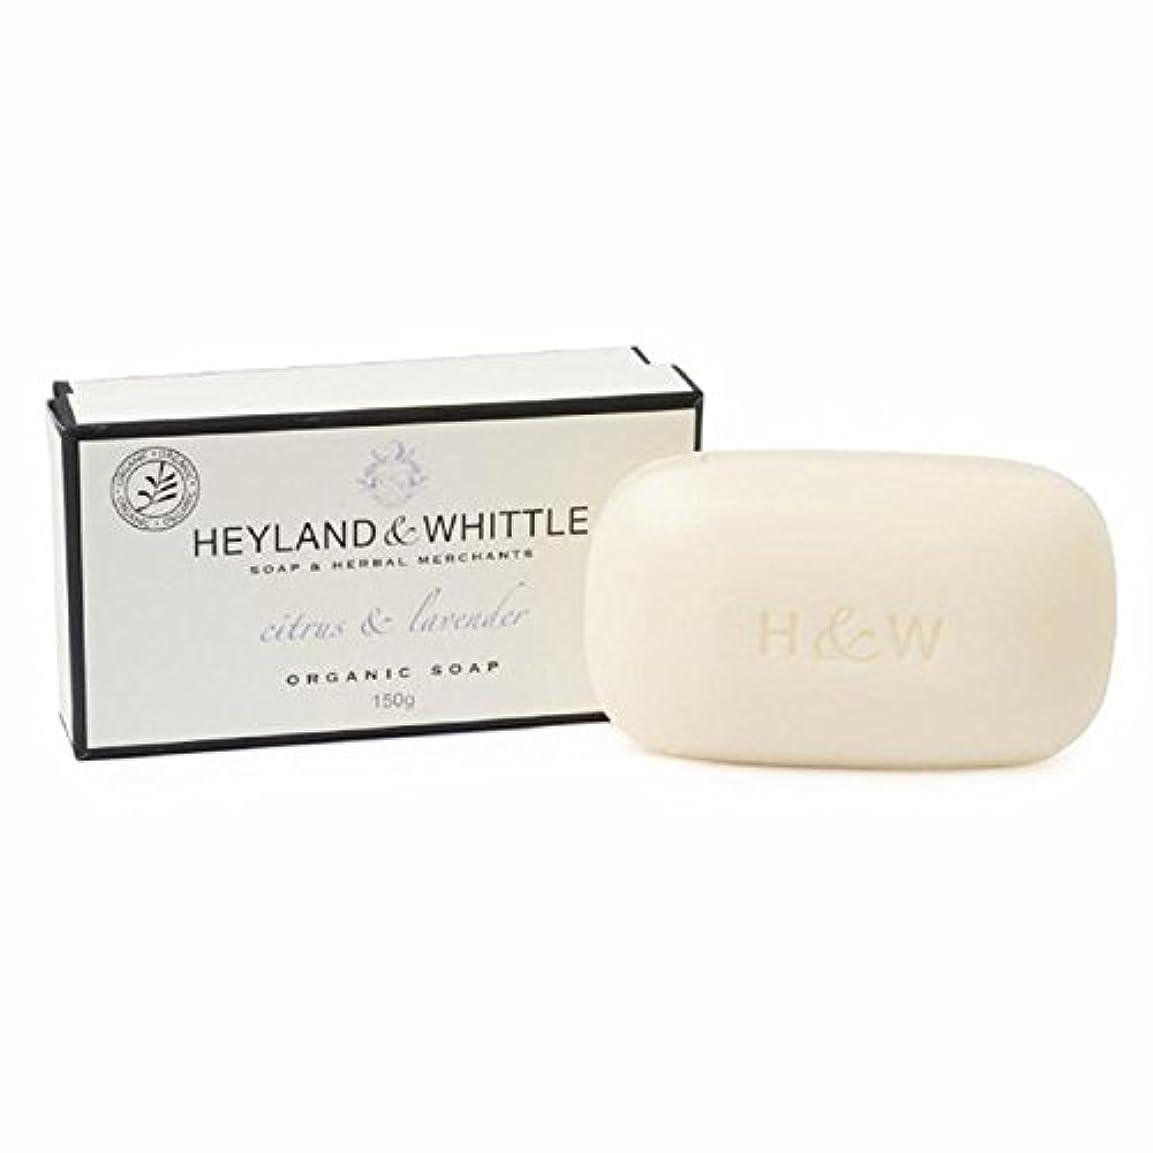 円周プロトタイプ警察&削るシトラス&ラベンダーは、有機石鹸150グラム箱入り x2 - Heyland & Whittle Citrus & Lavender Boxed Organic Soap 150g (Pack of 2) [並行輸入品]